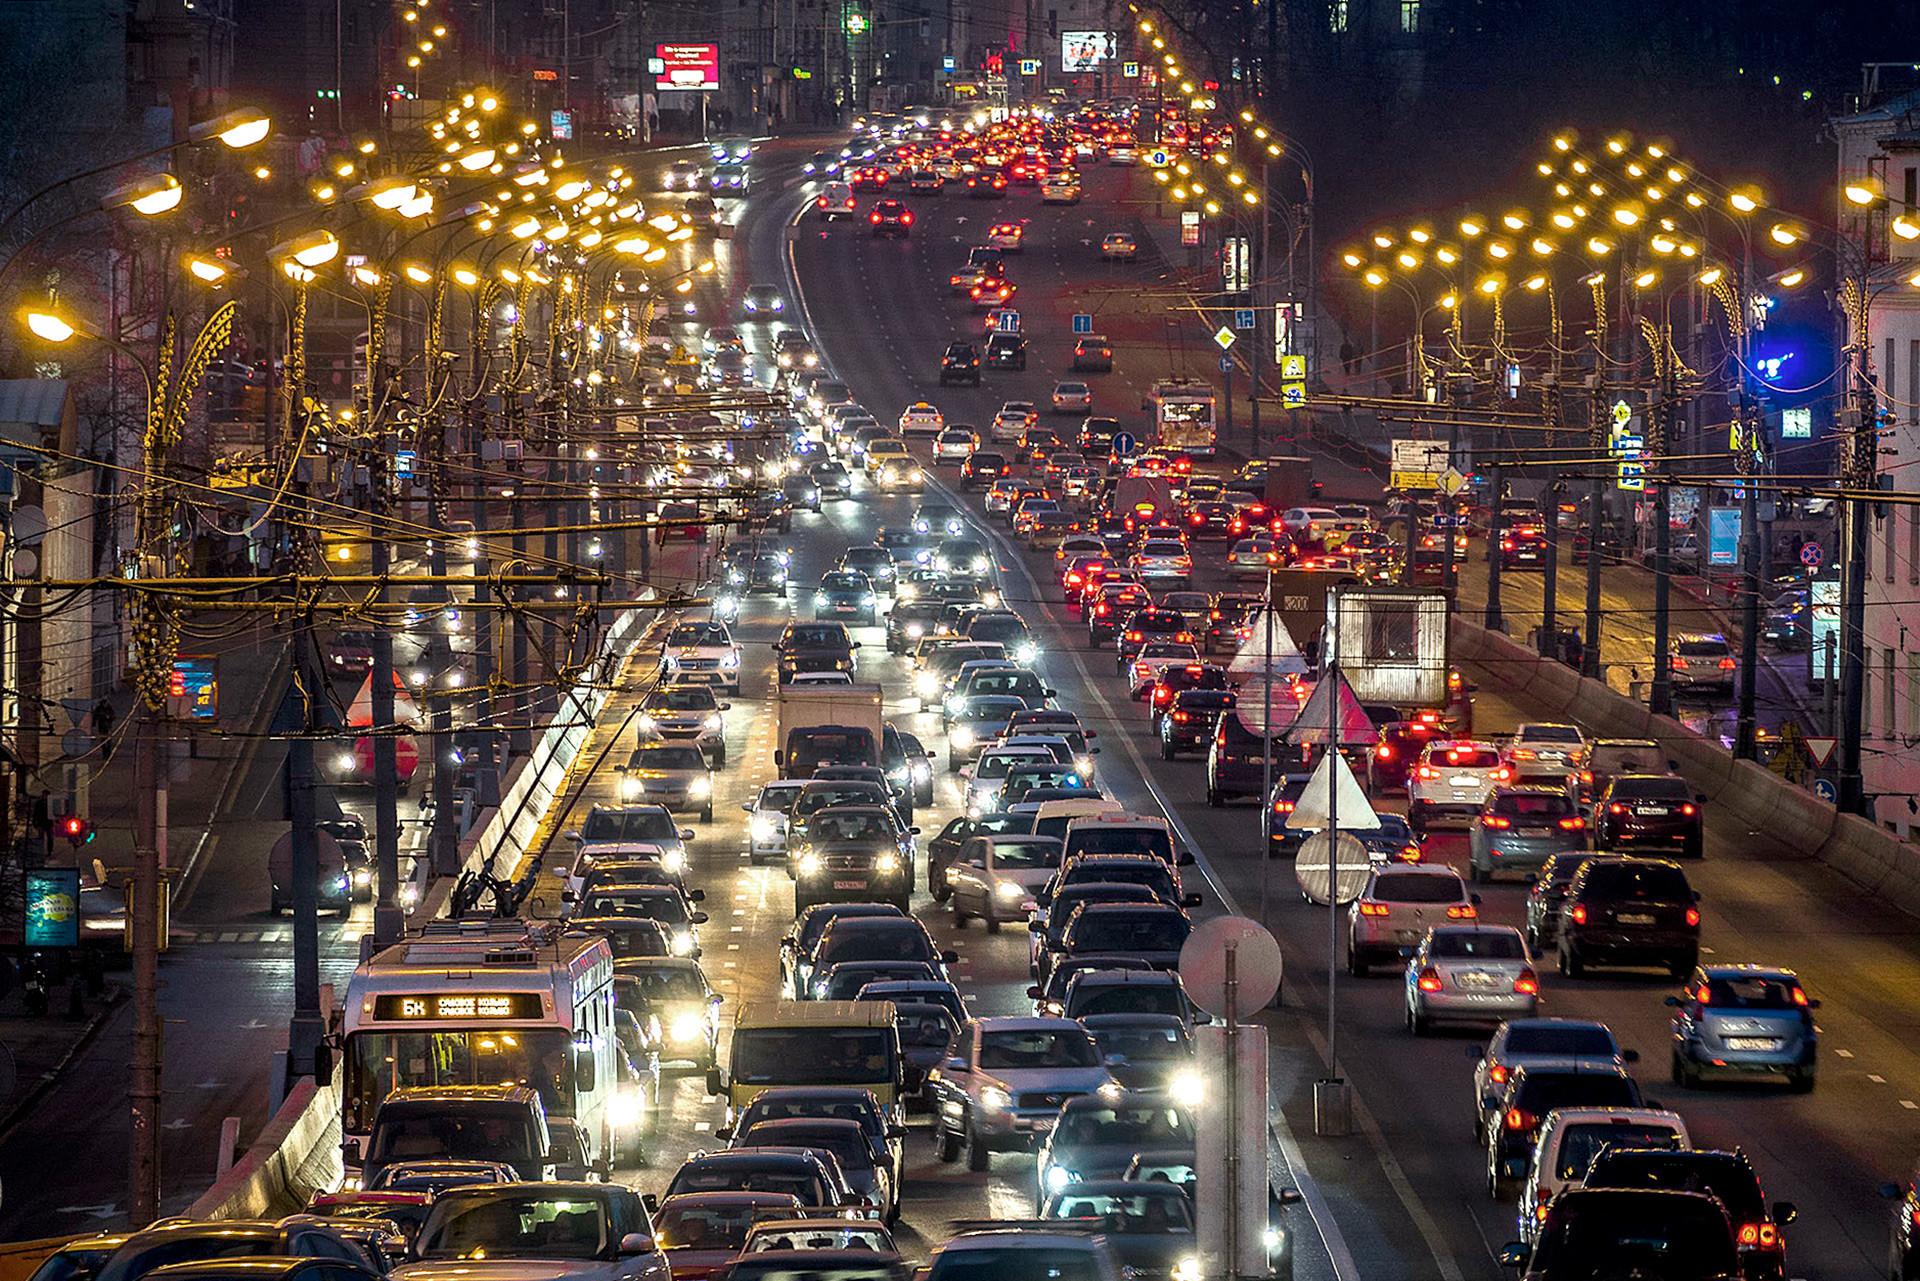 Trânsito, luzes, movimento, a Rússia tem grandes cidades para serem descobertas.